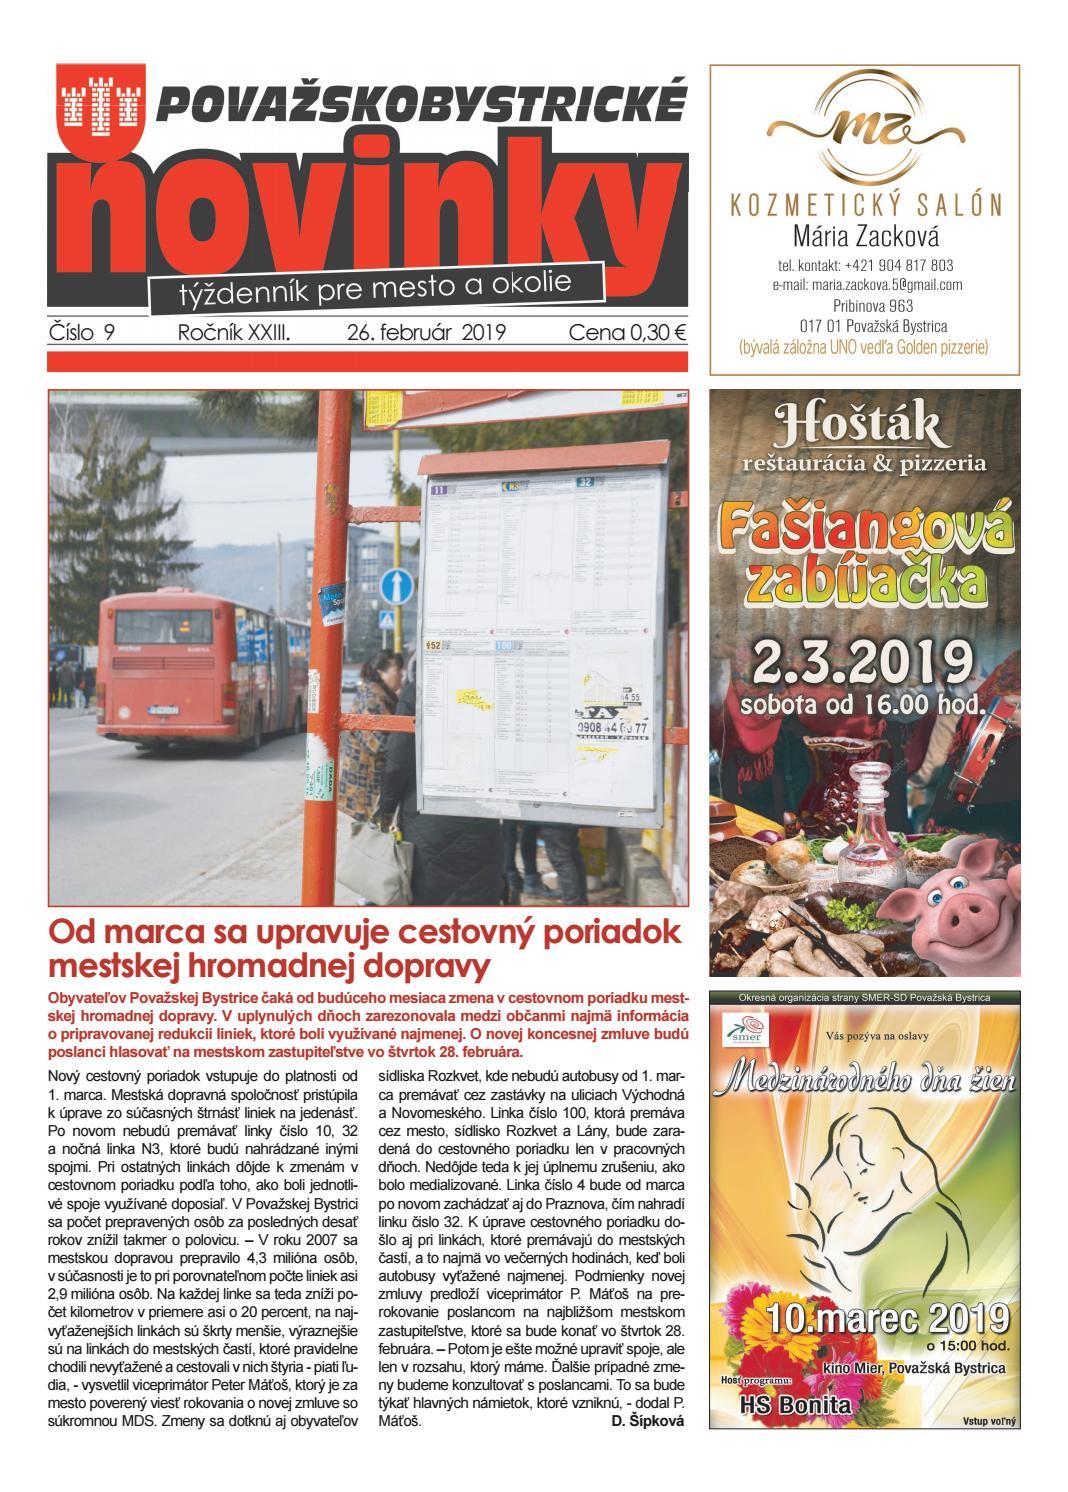 8bbc1921a3a3 Považskobystrické novinky č. 9 2019 by Považskobystrické novinky - issuu